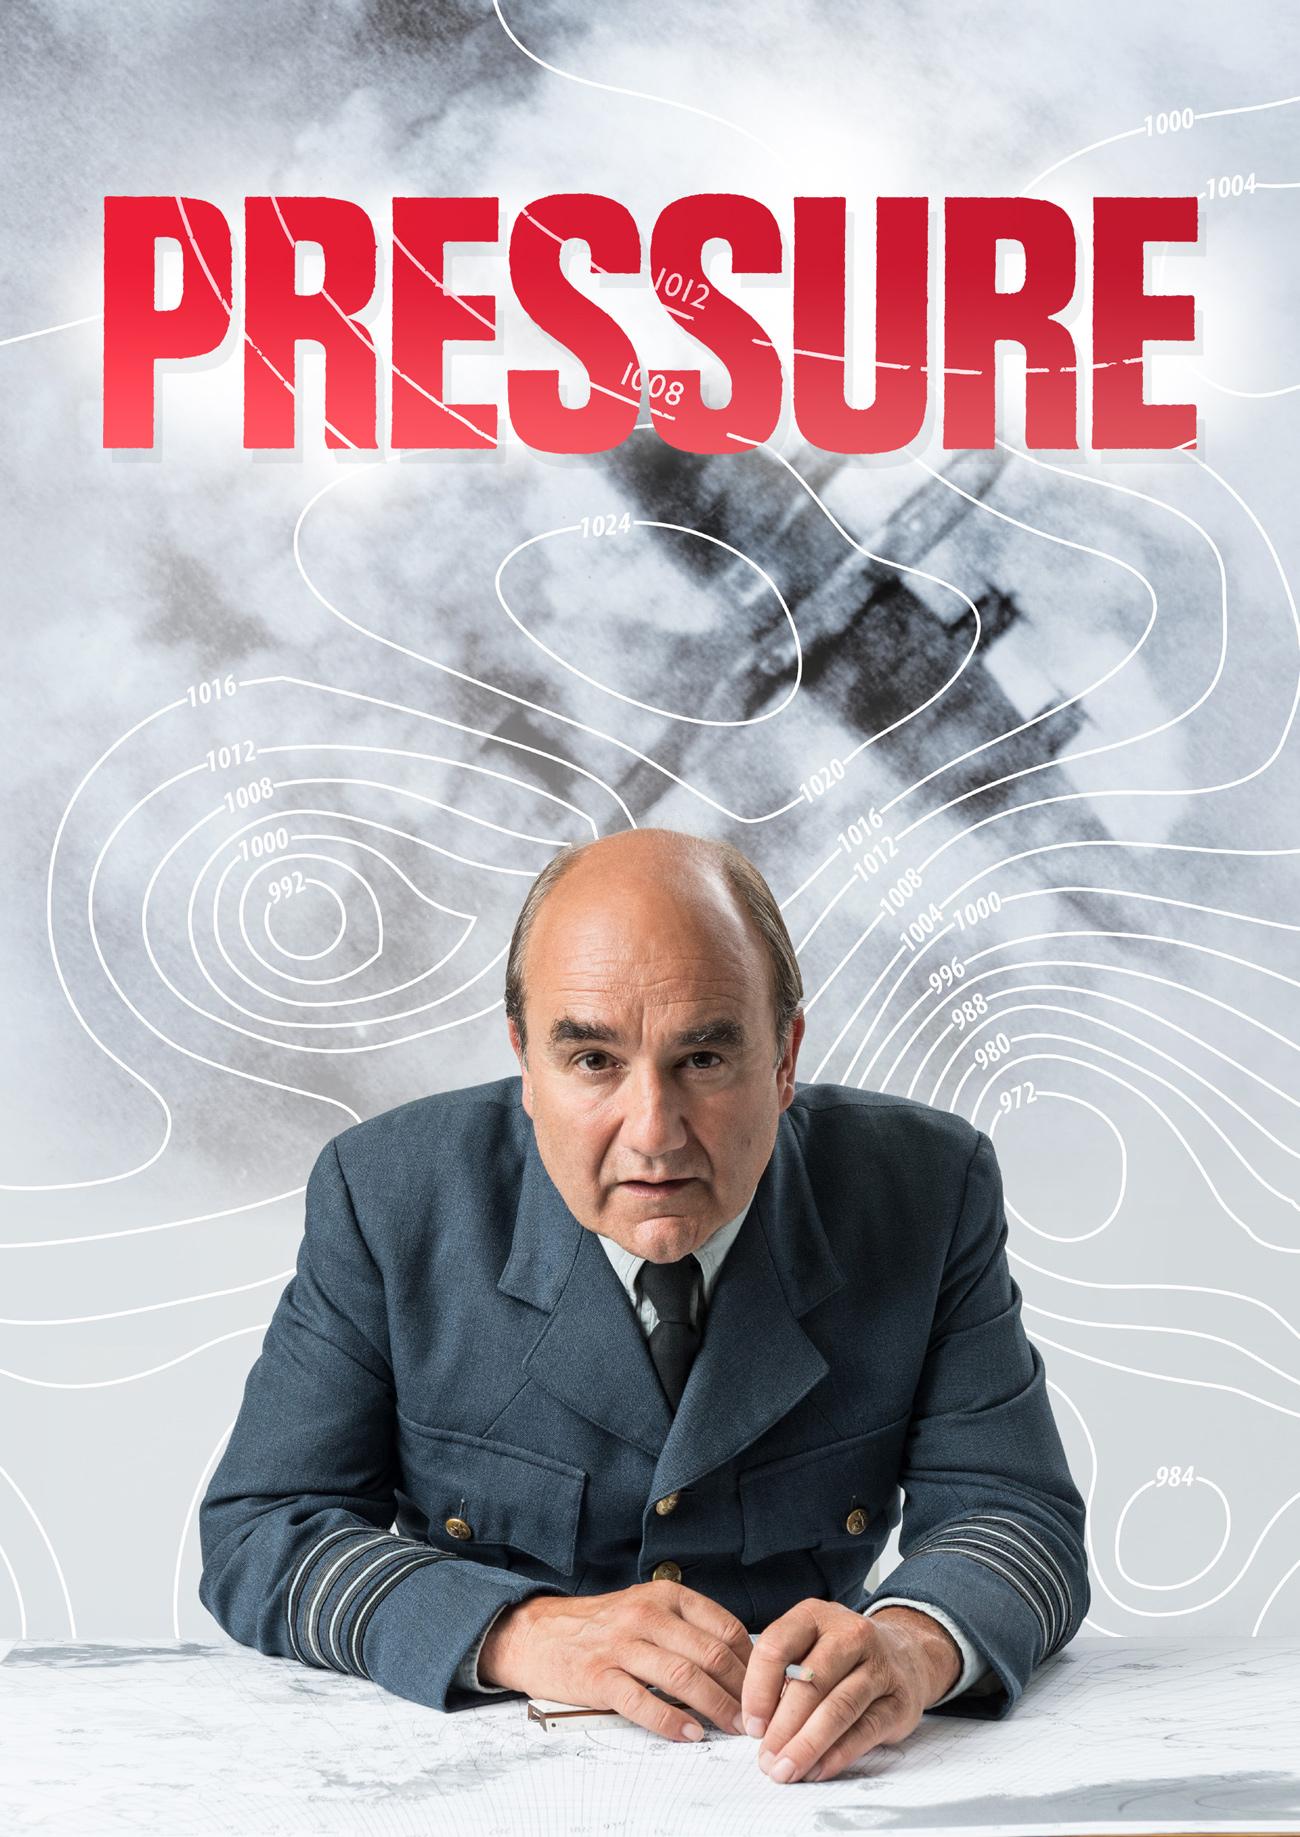 Pressure - Poster Image